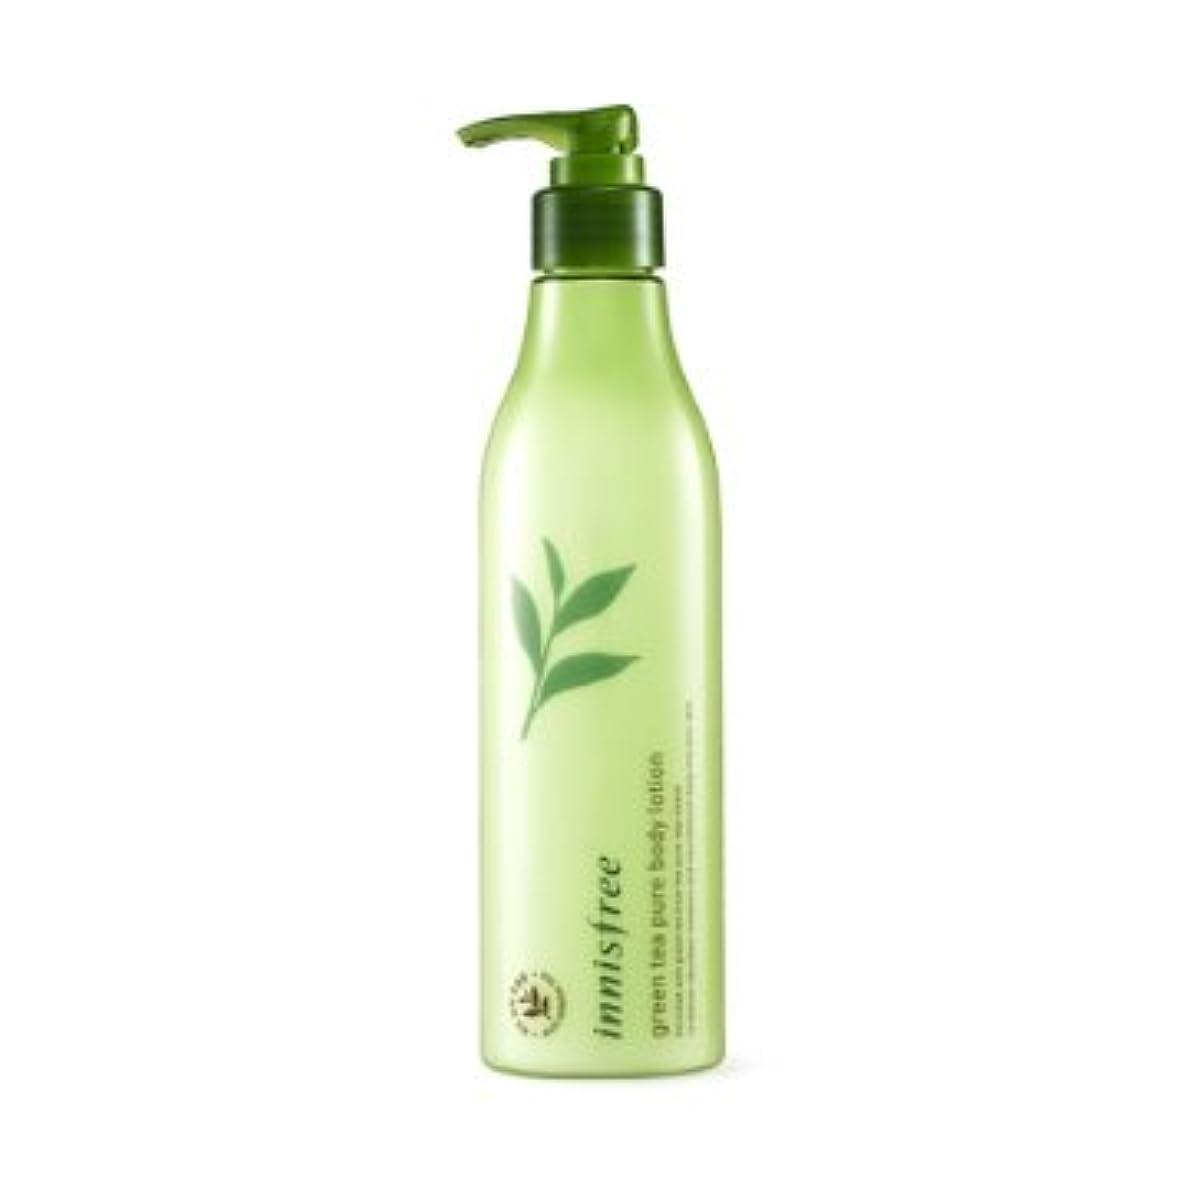 ブルジョン扱う効能【イニスフリー】Innisfree green tea pure body lotion - 300ml (韓国直送品) (SHOPPINGINSTAGRAM)